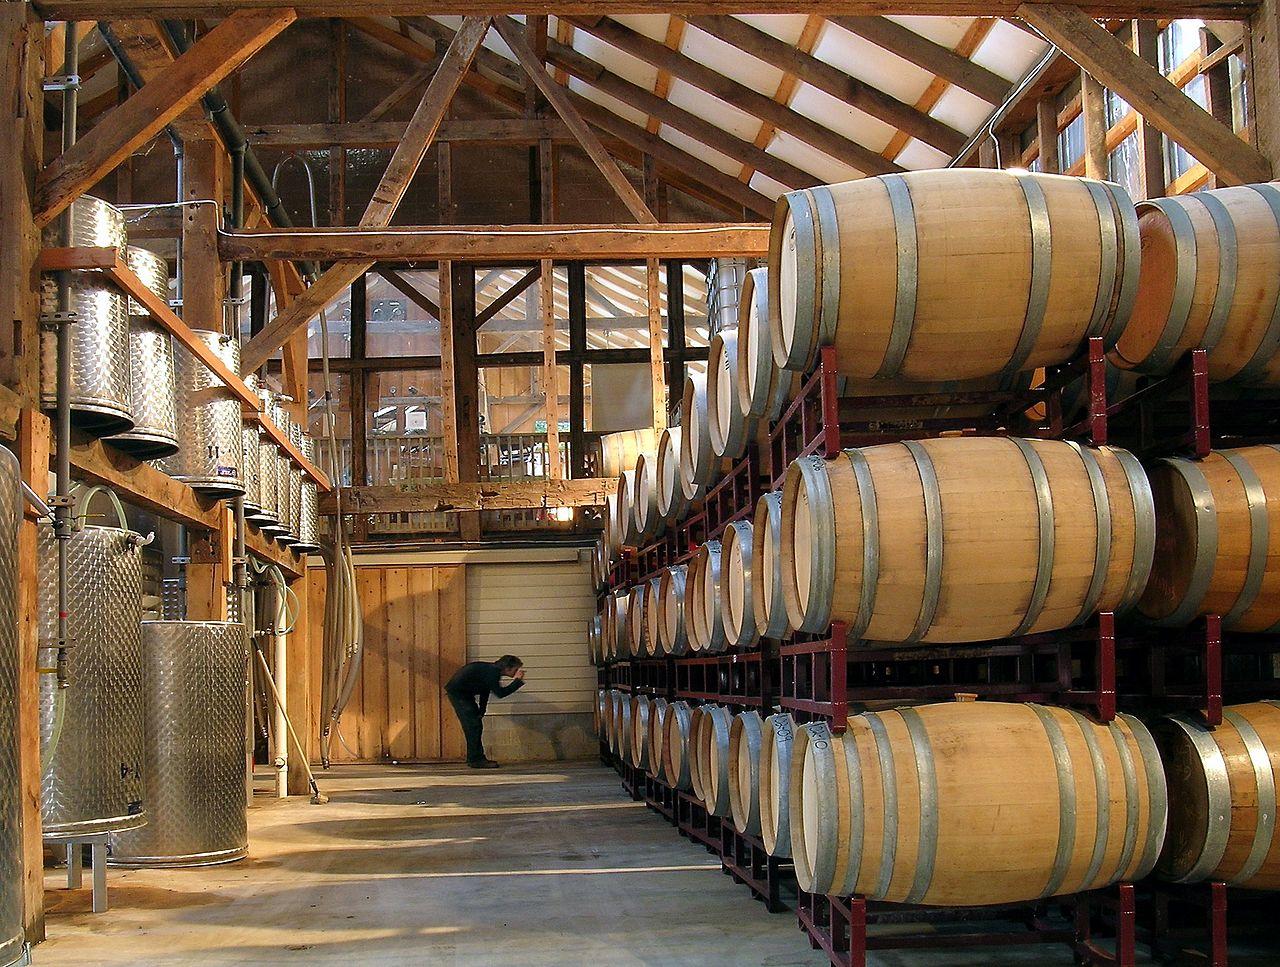 Các thùng gỗ sồi ảnh hưởng đến hương vị của rượu vang như thế nào?